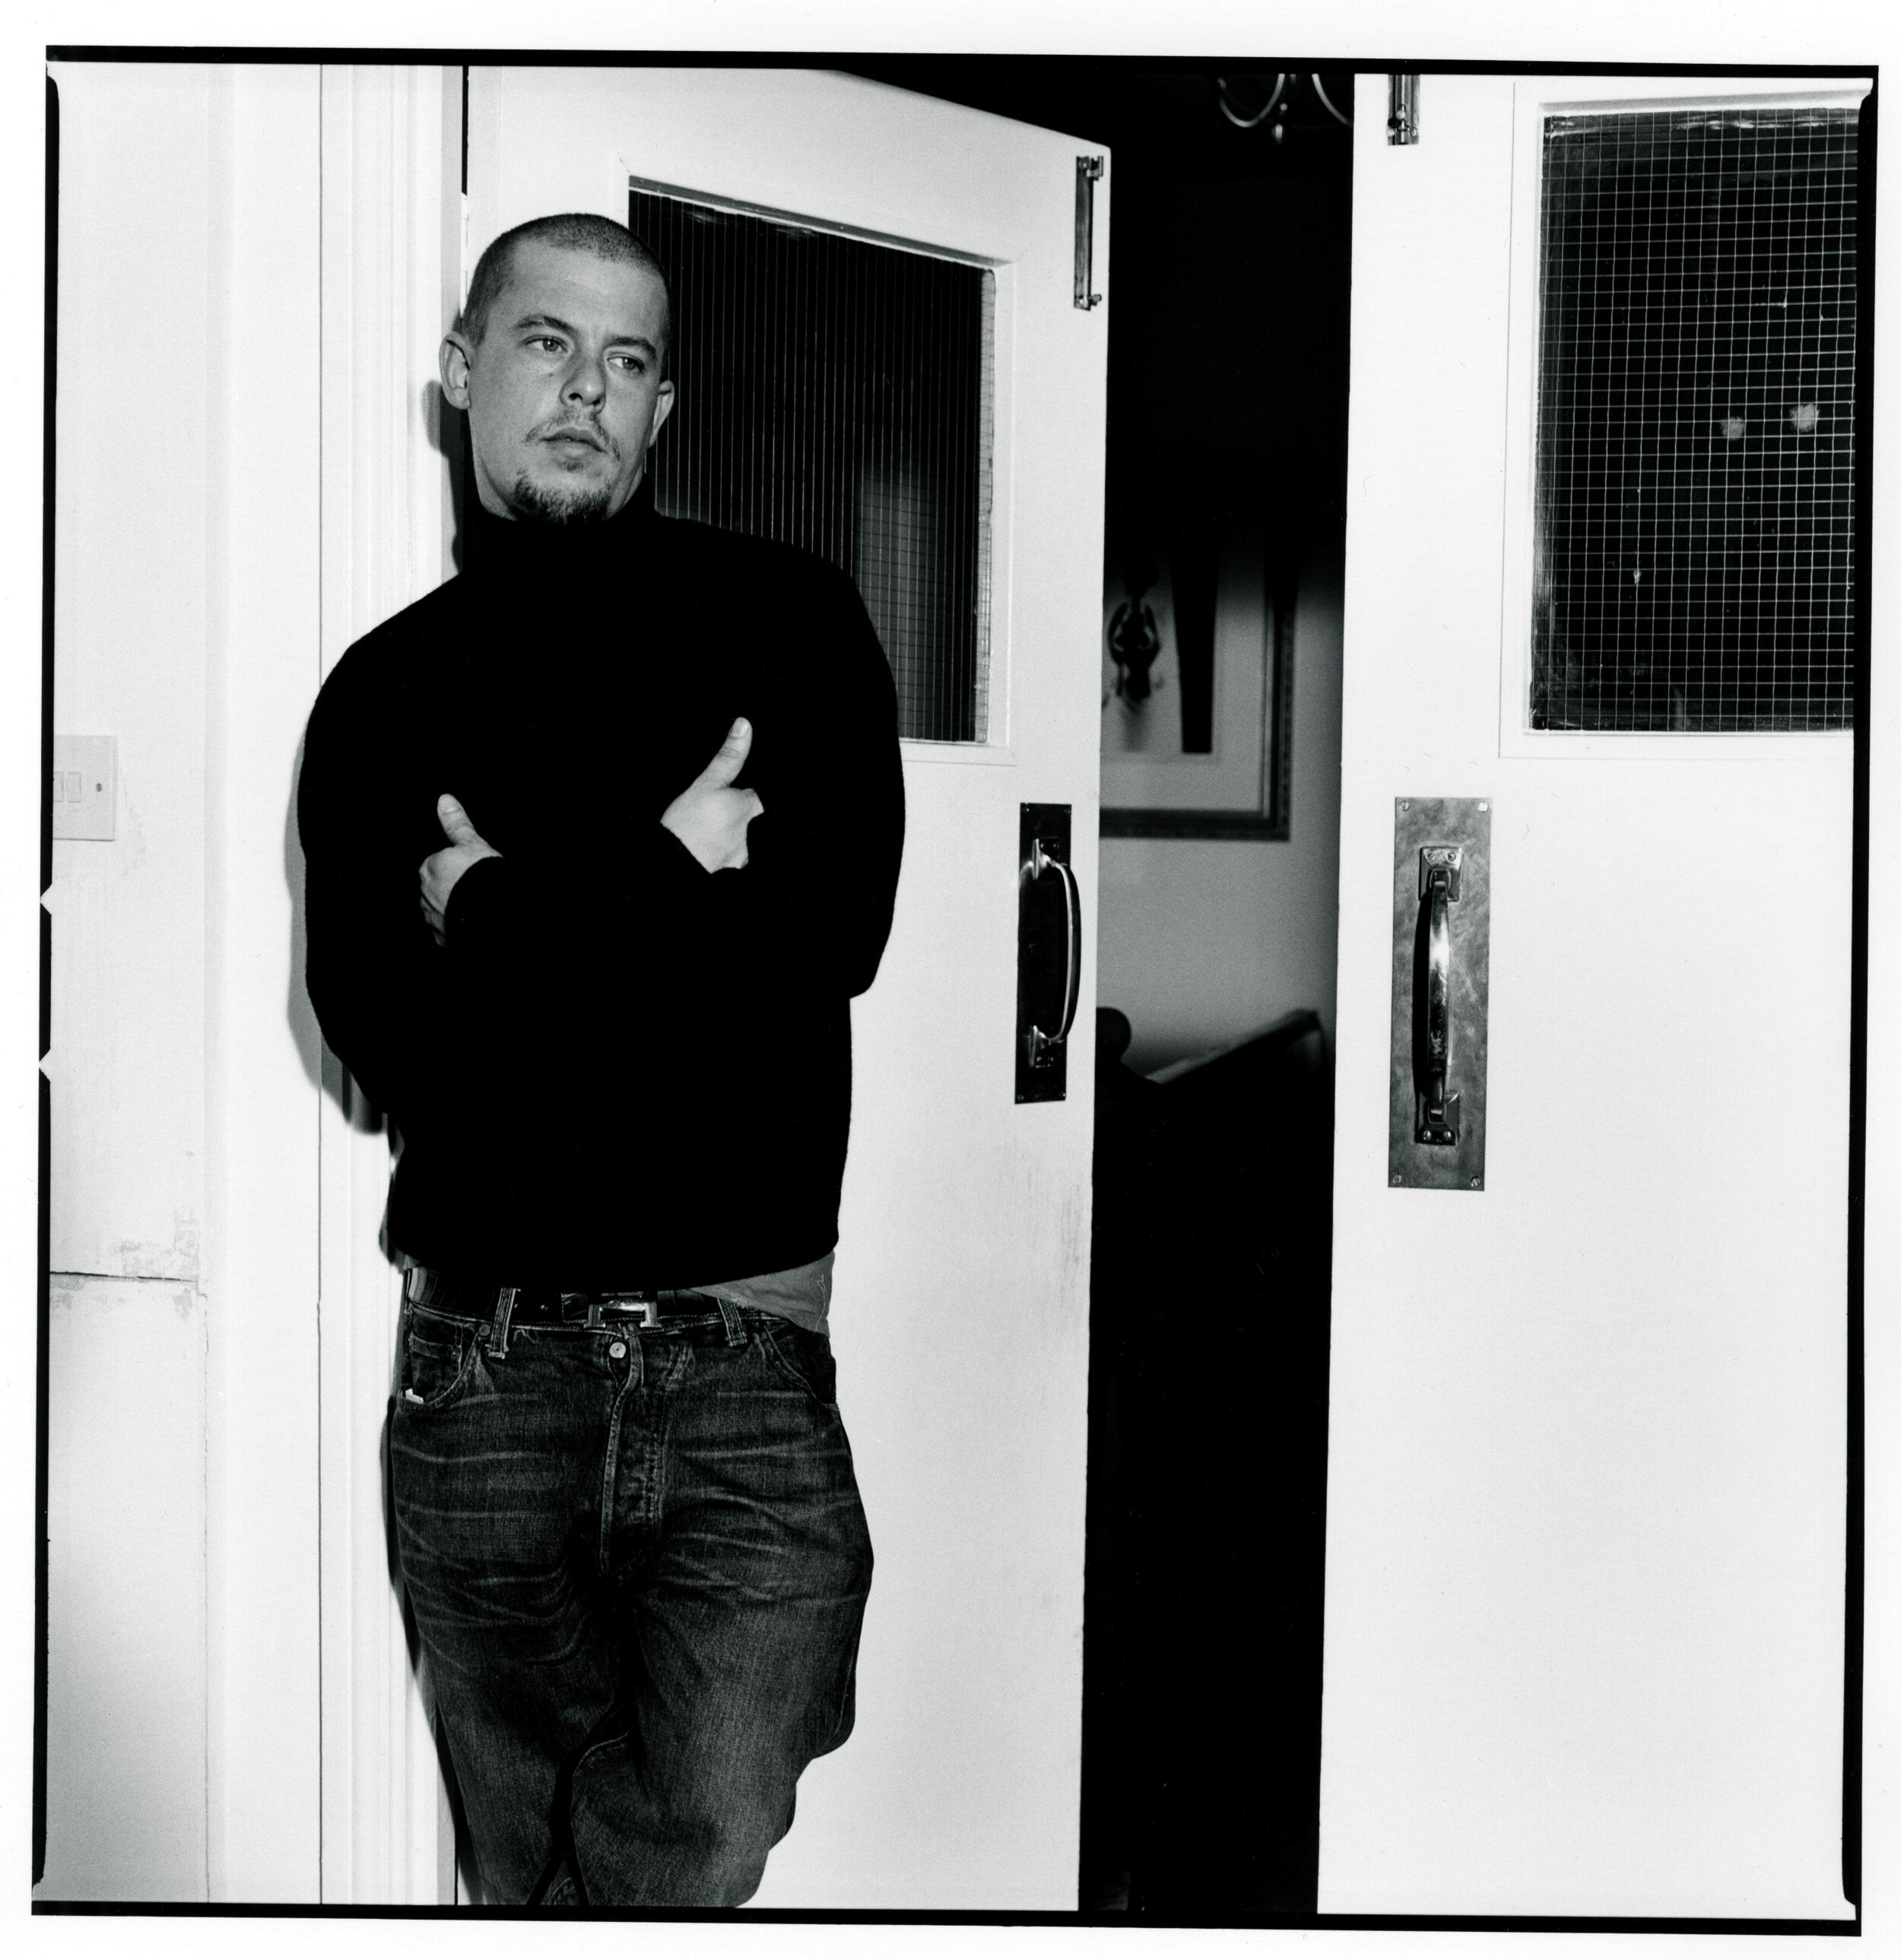 Ann Ray,  Home,  2000